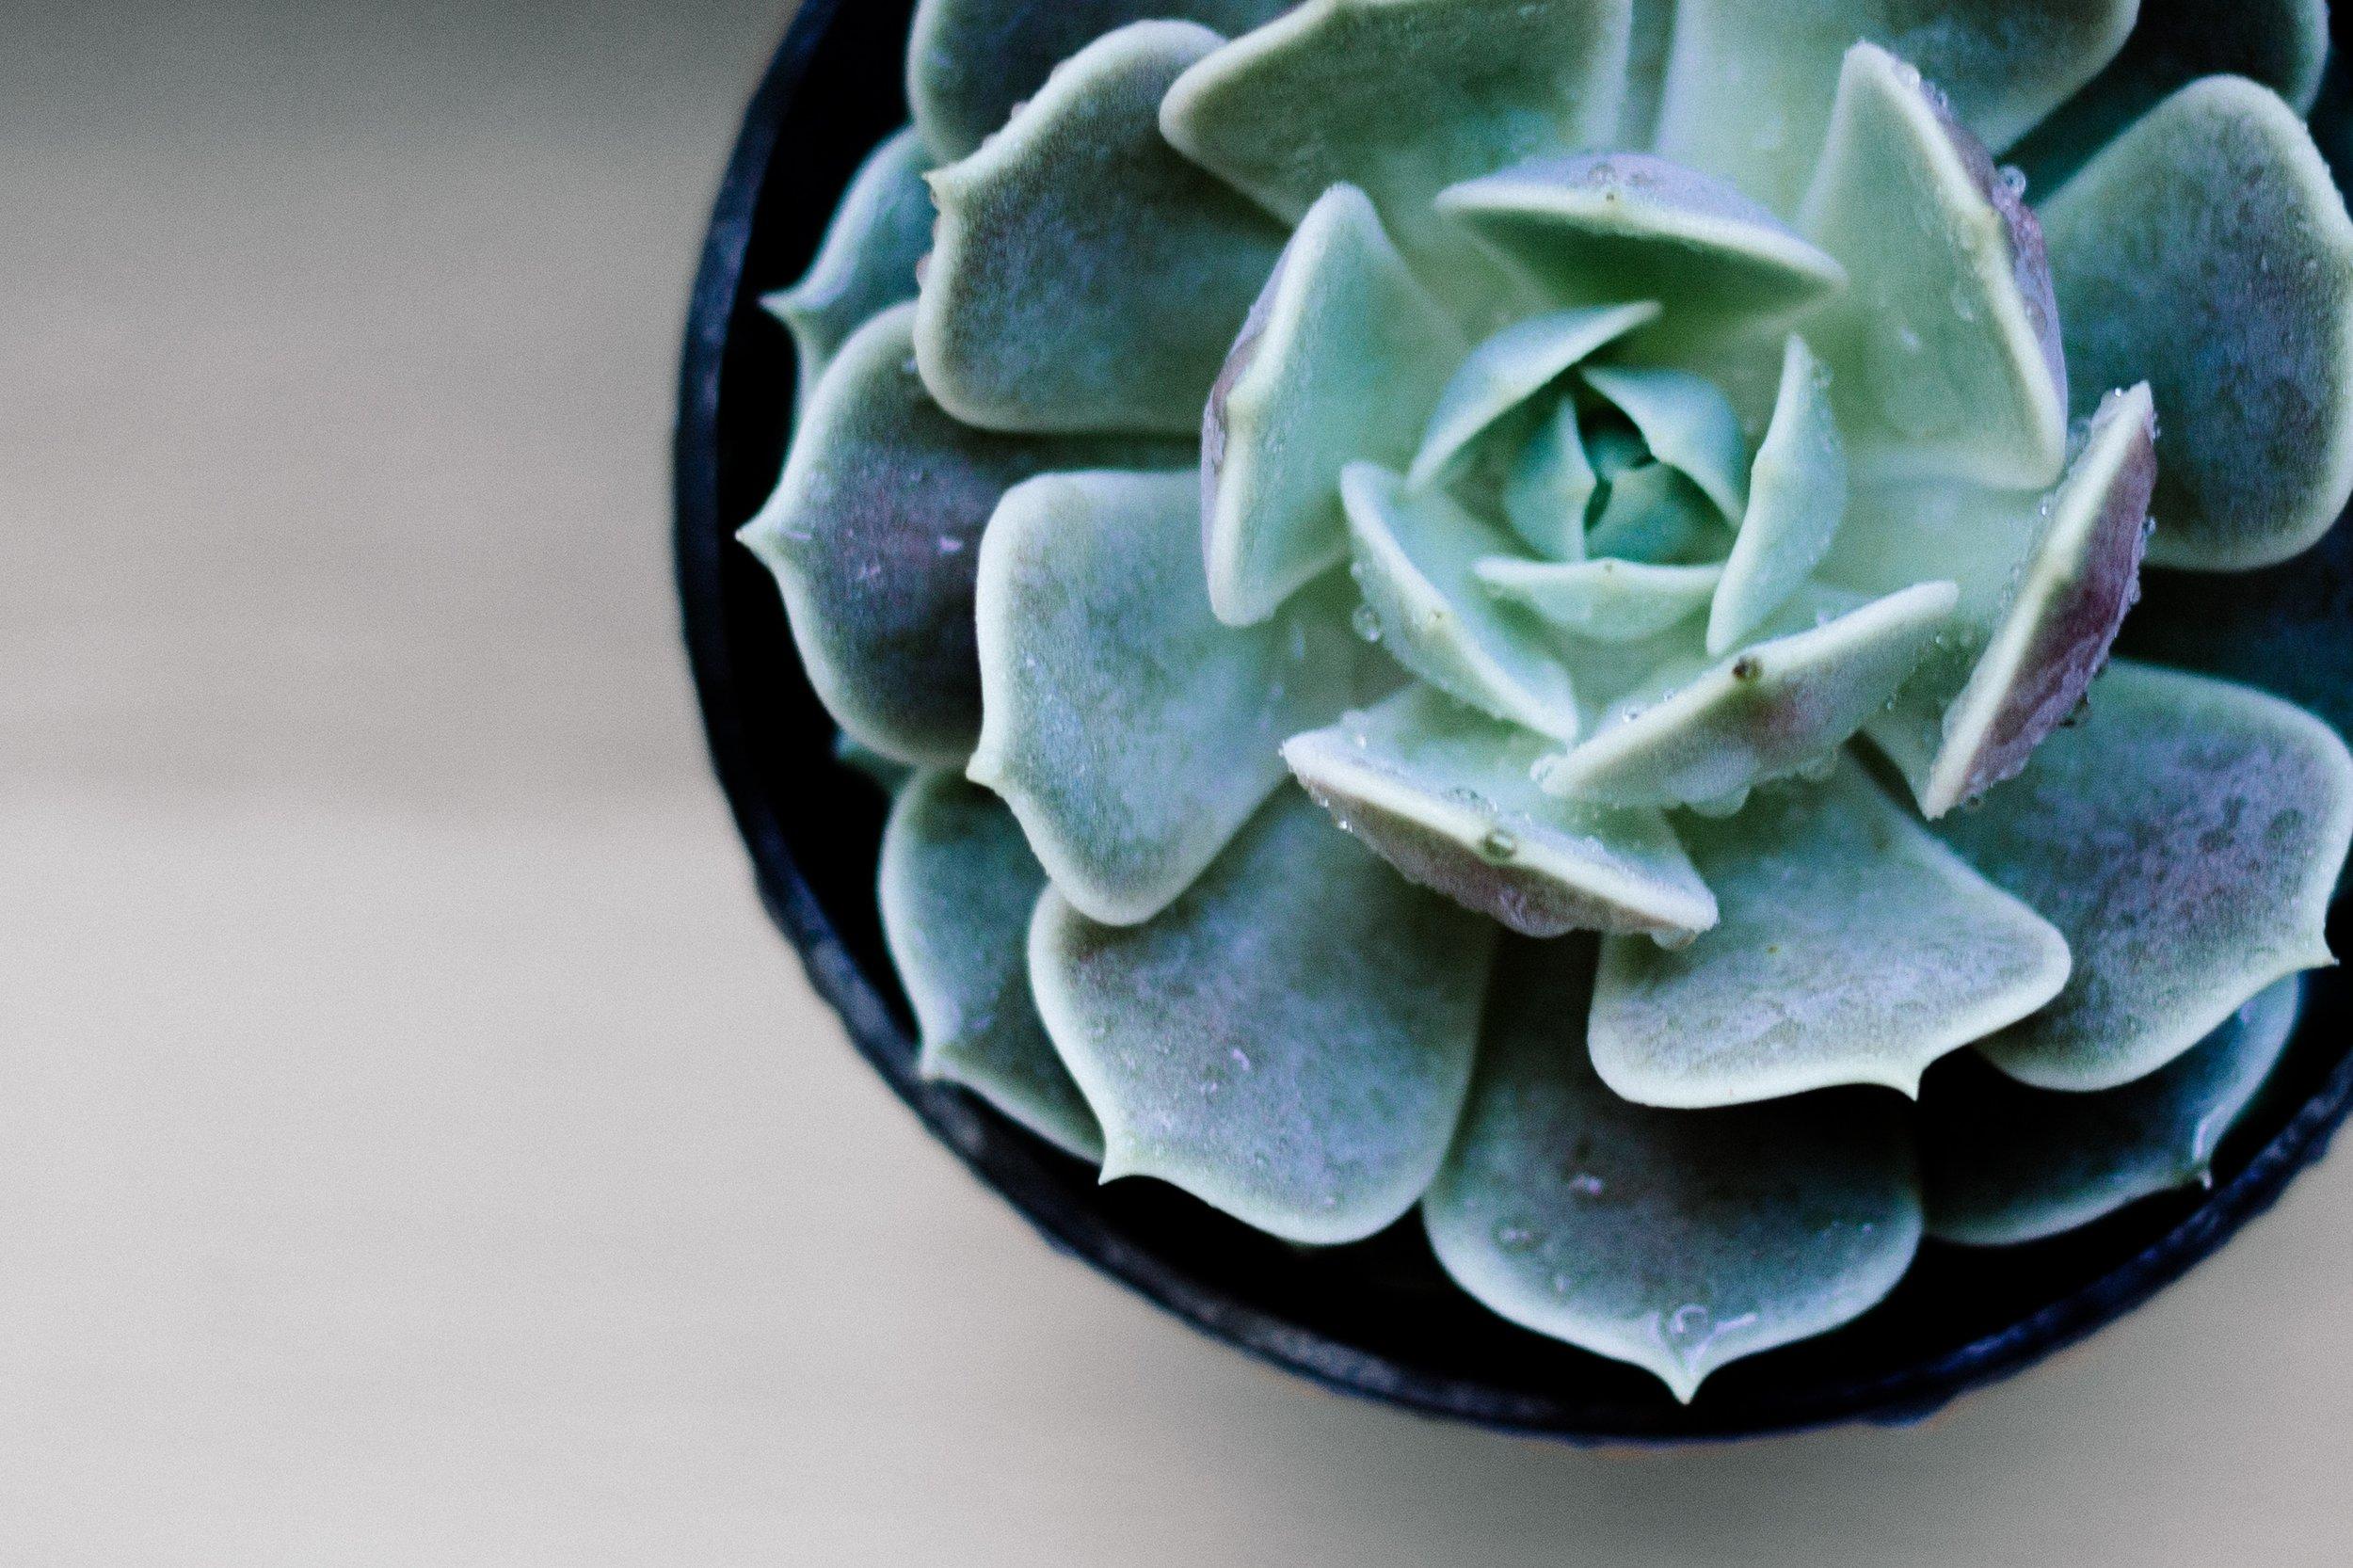 succulent_close_up